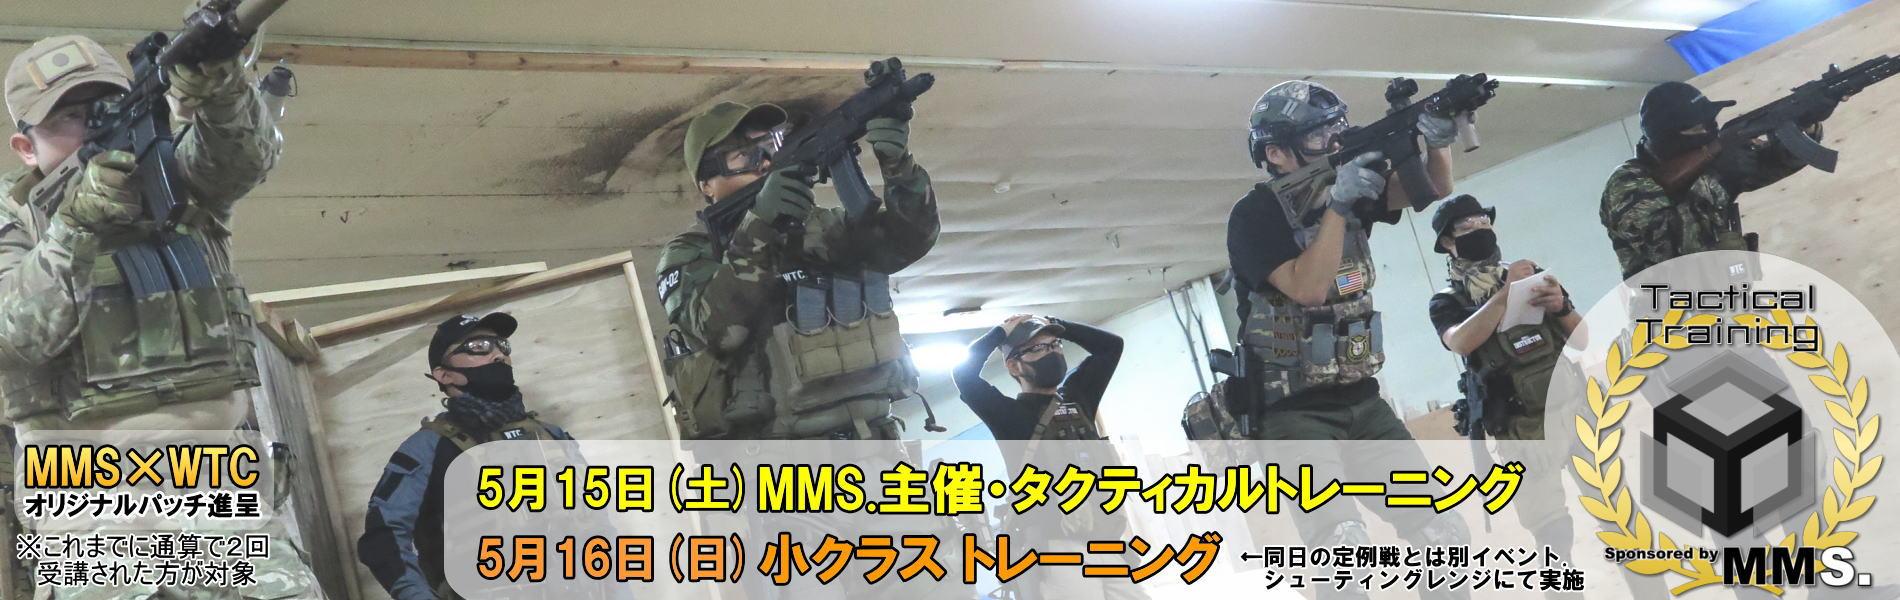 徳島タクティカルトレーニング